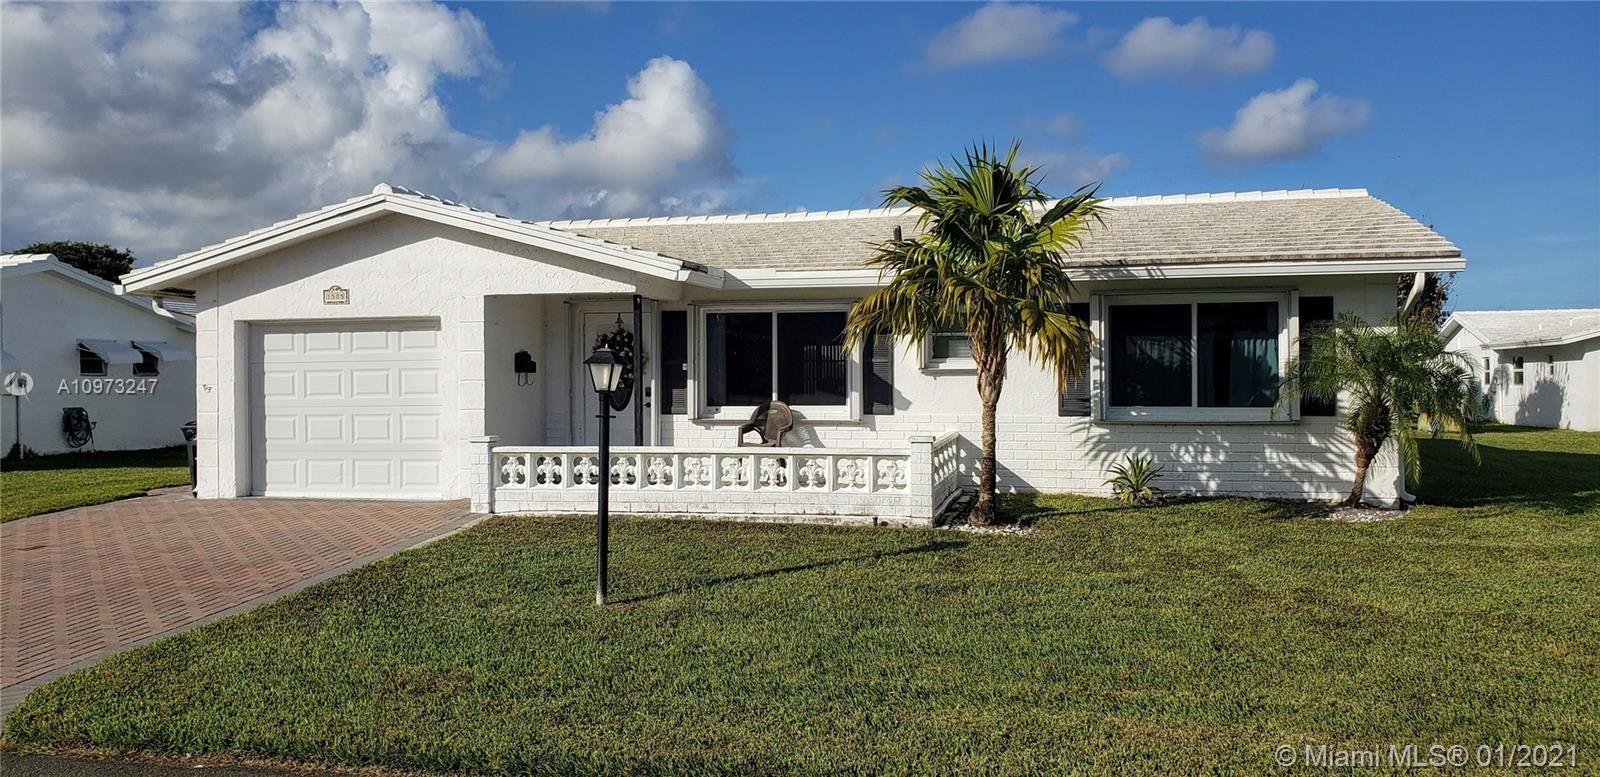 1505 SW 22nd Way, Boynton Beach, FL 33426 - #: A10973247